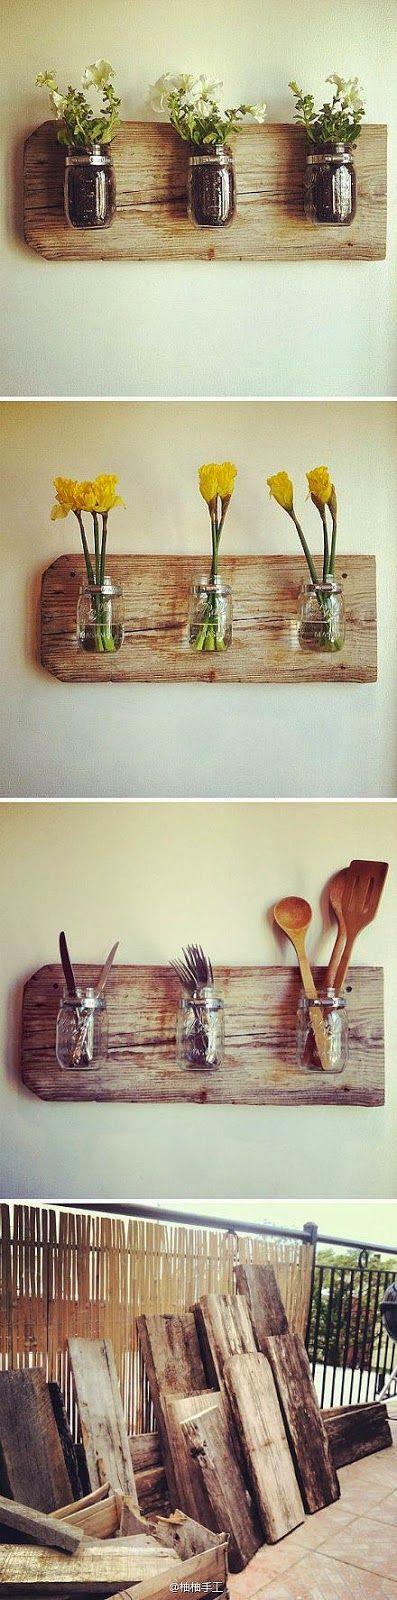 Wood , mason jars. endless possibilities.